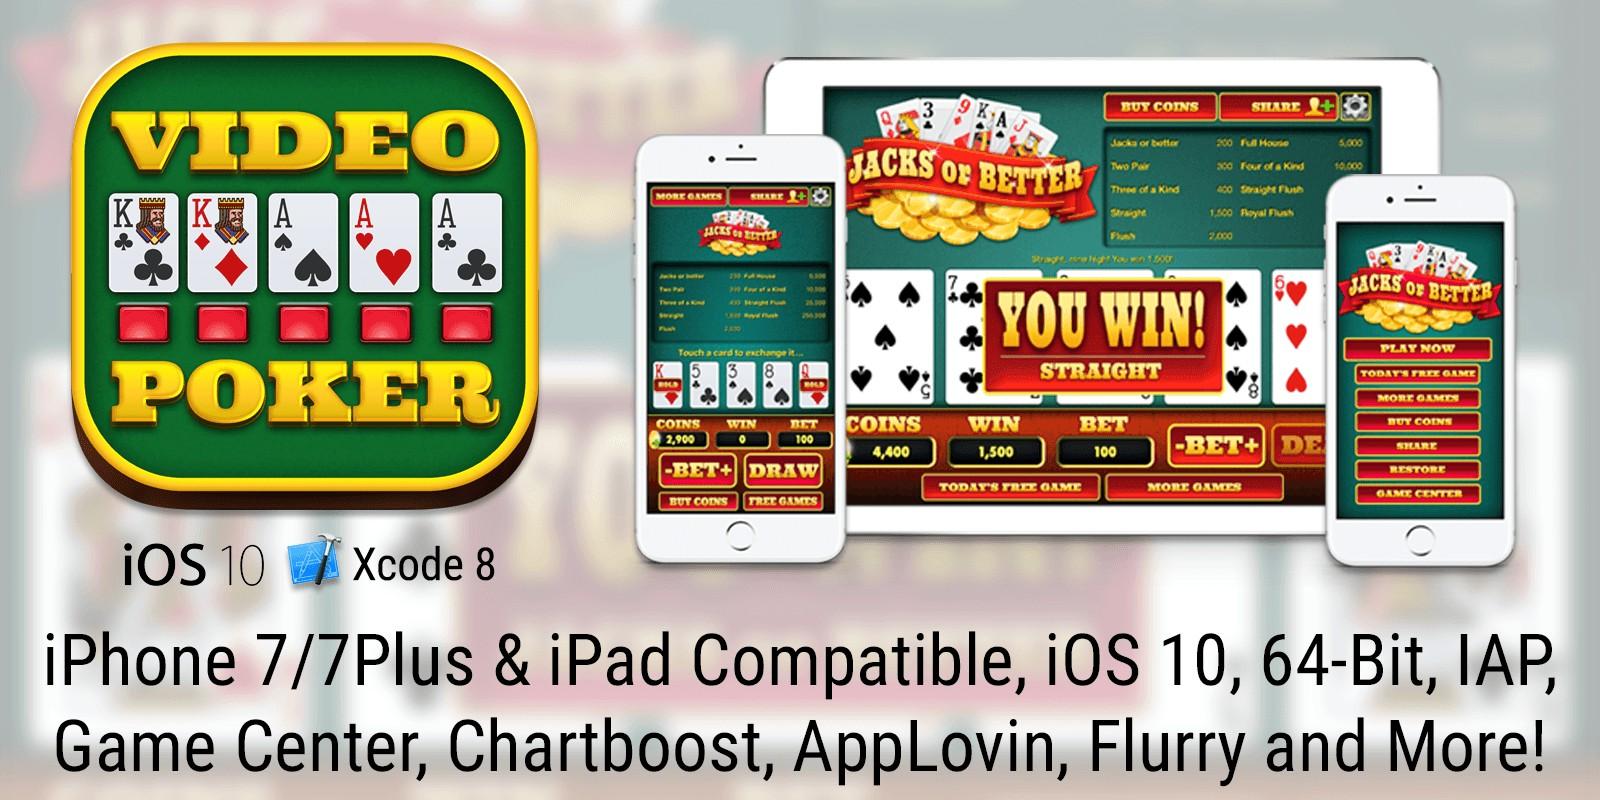 Video Poker - Jacks or Better for iOS 8